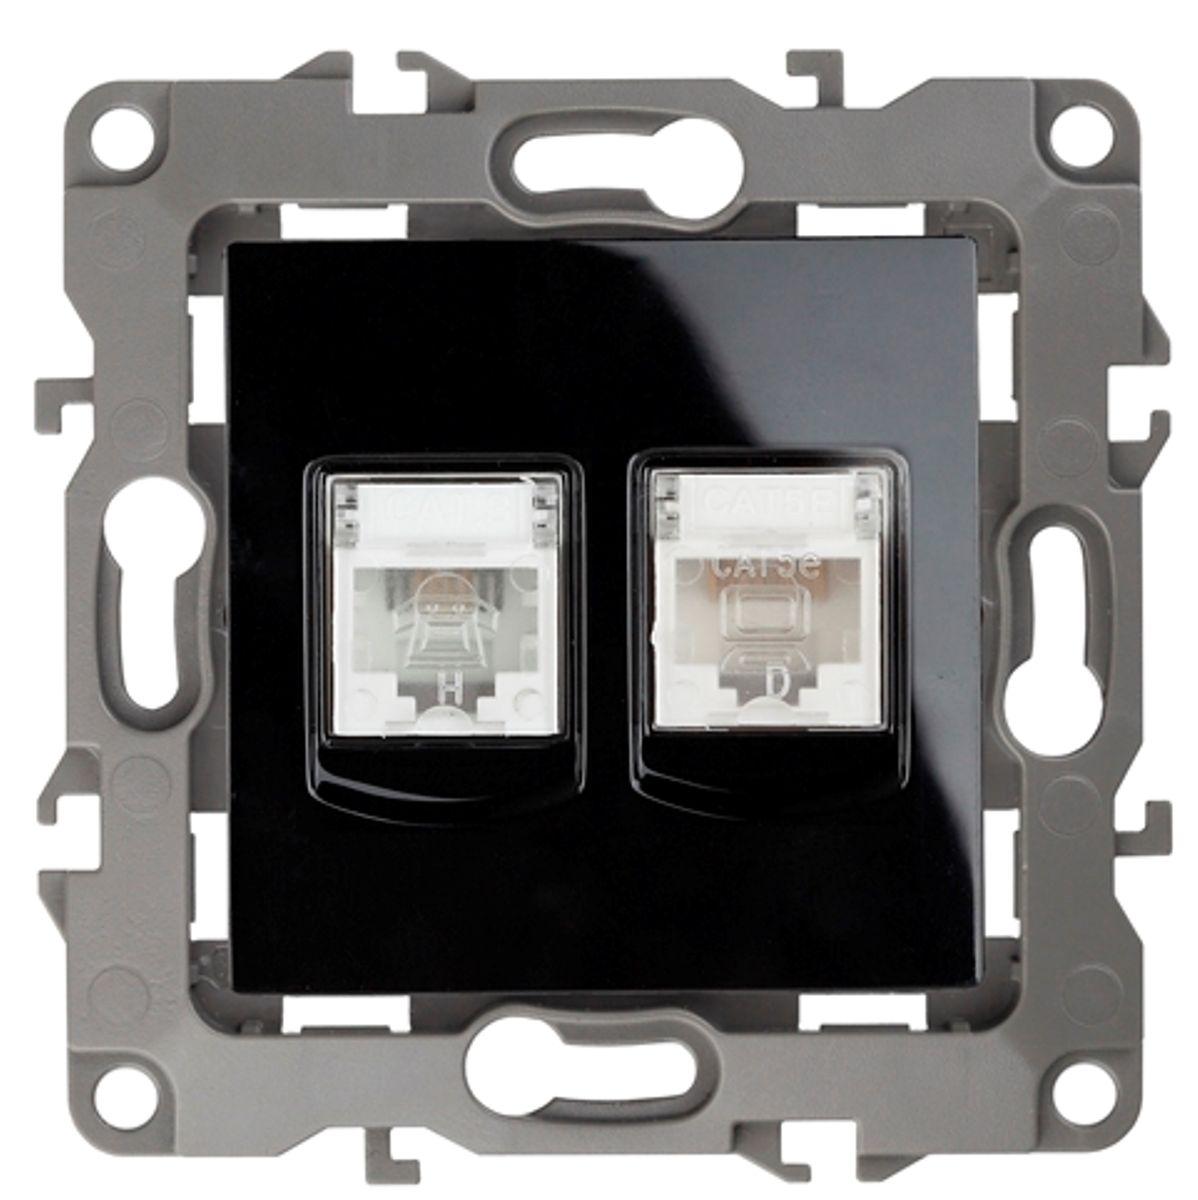 Розетка ЭРА информационная+телефонная RJ45+RJ11, Эра12, черный12-3109-06Экспресс-монтаж витой пары